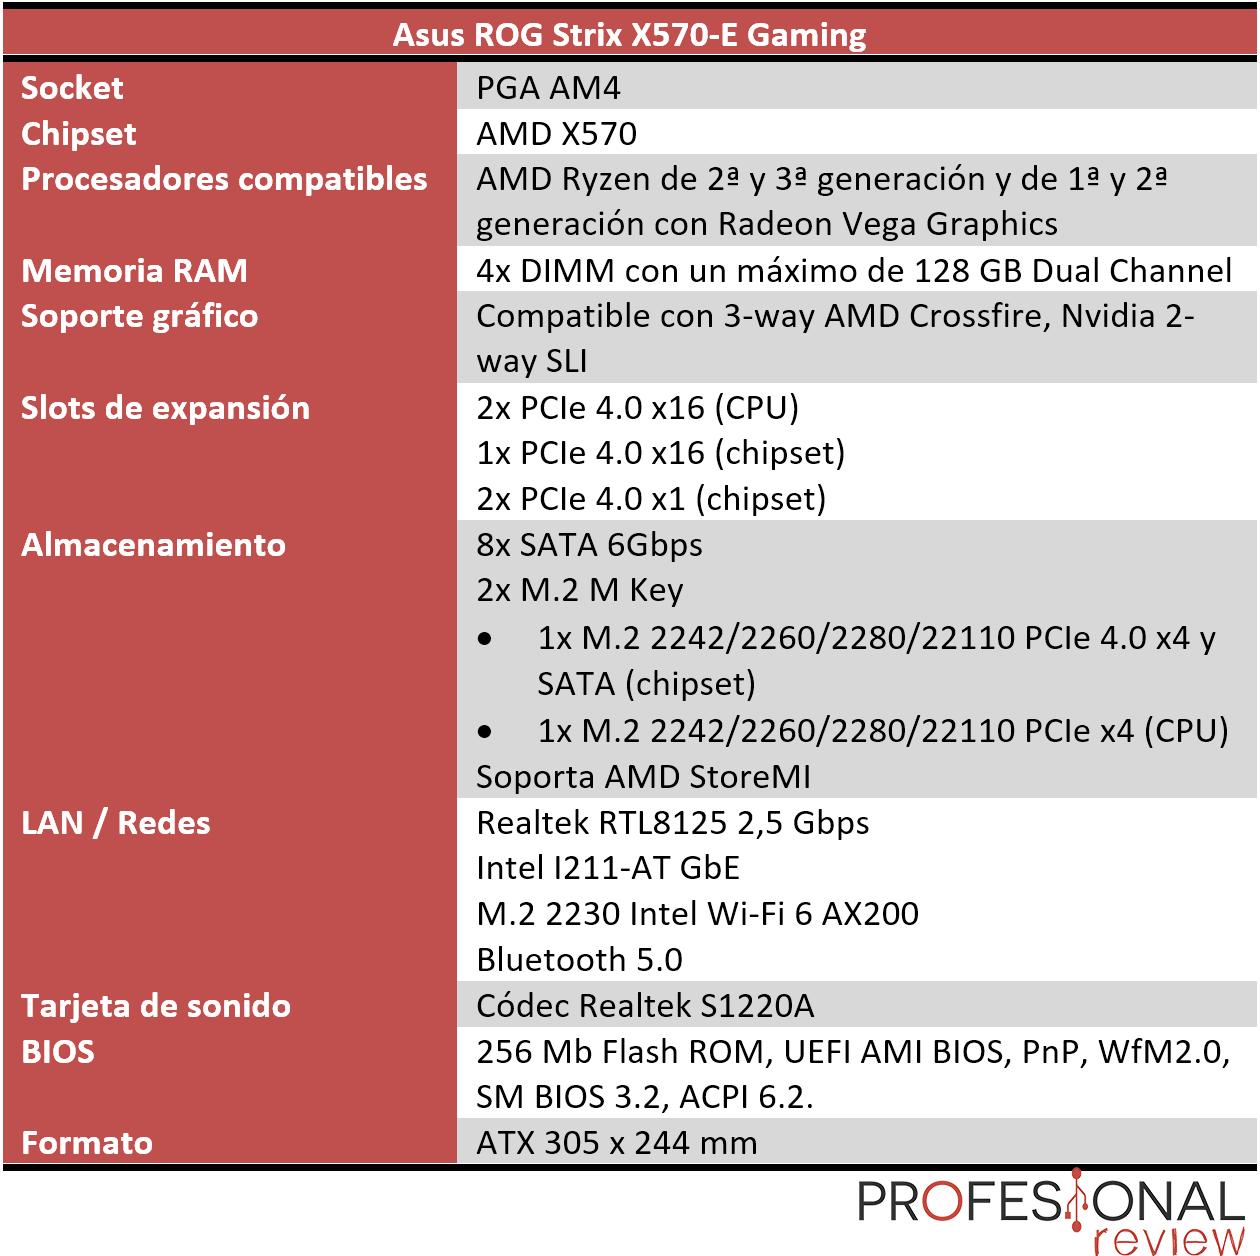 Asus ROG Strix X570-E Gaming Características